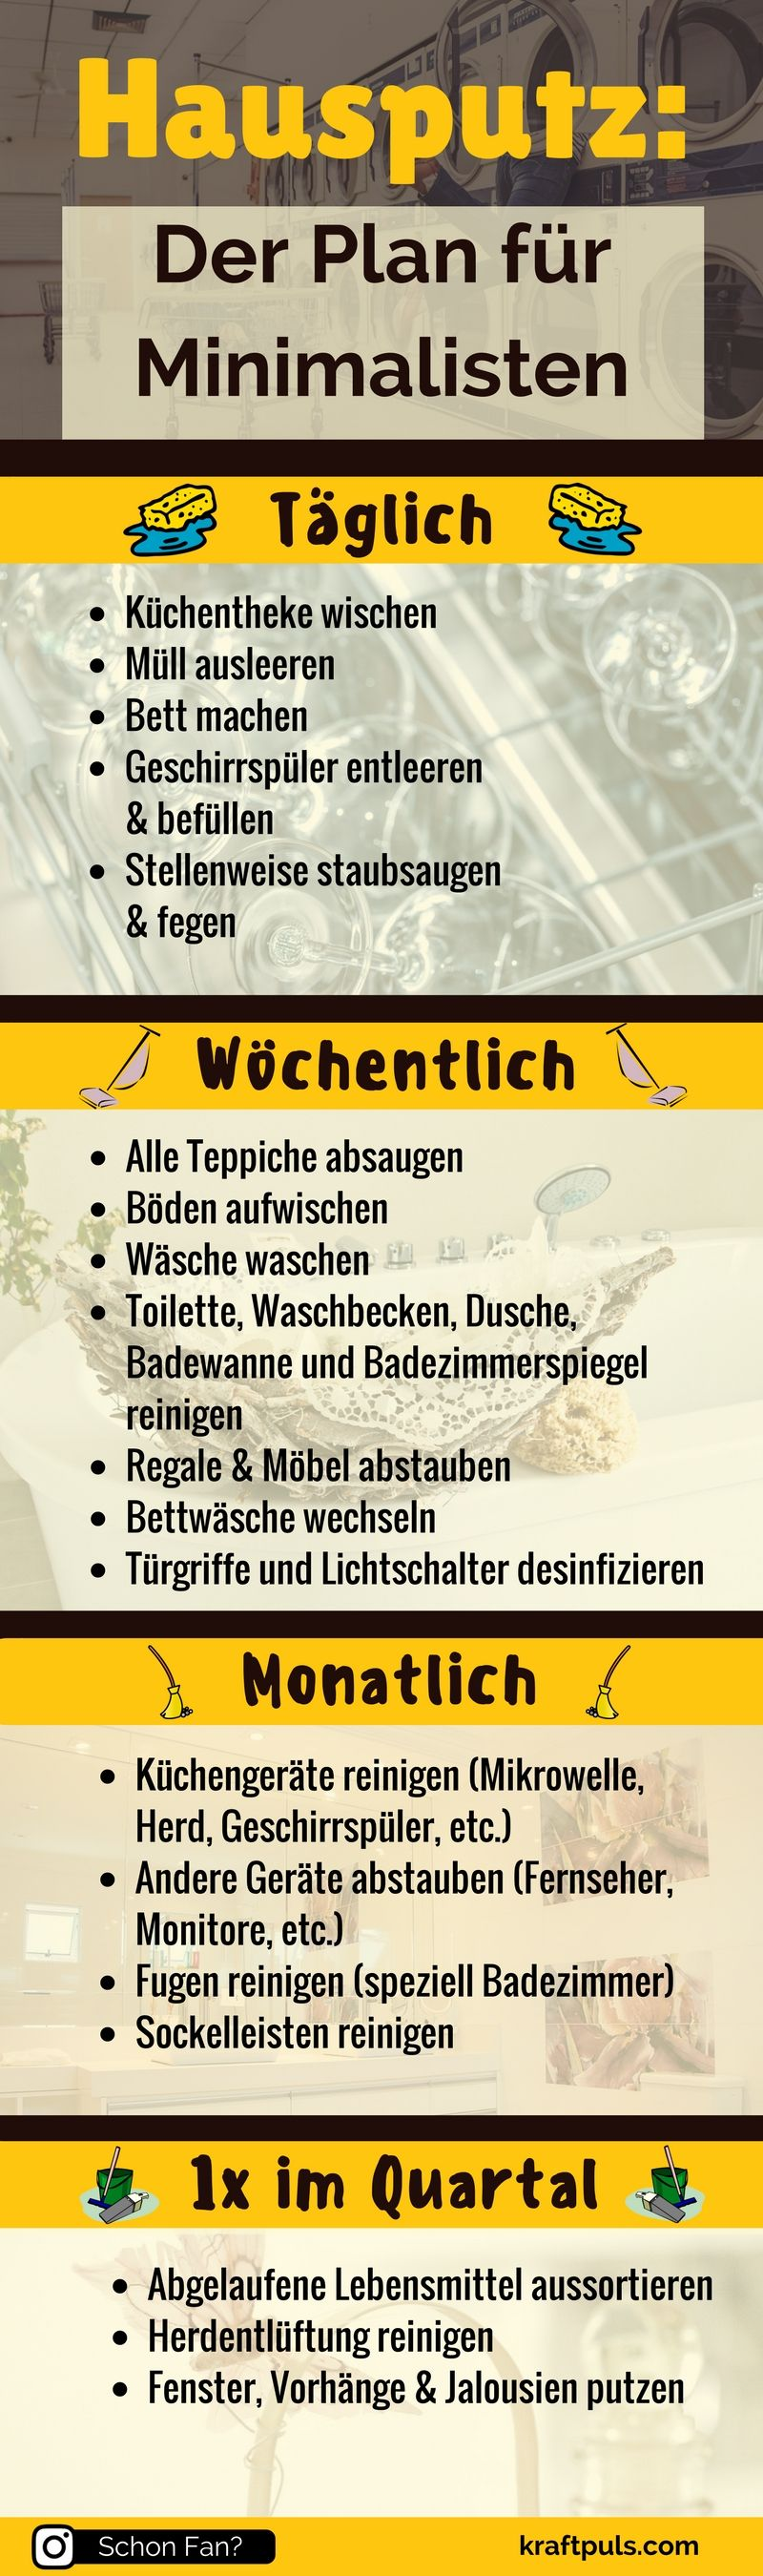 Hausputz: Der Putzplan für Minimalisten (Infografik | Pinterest ...